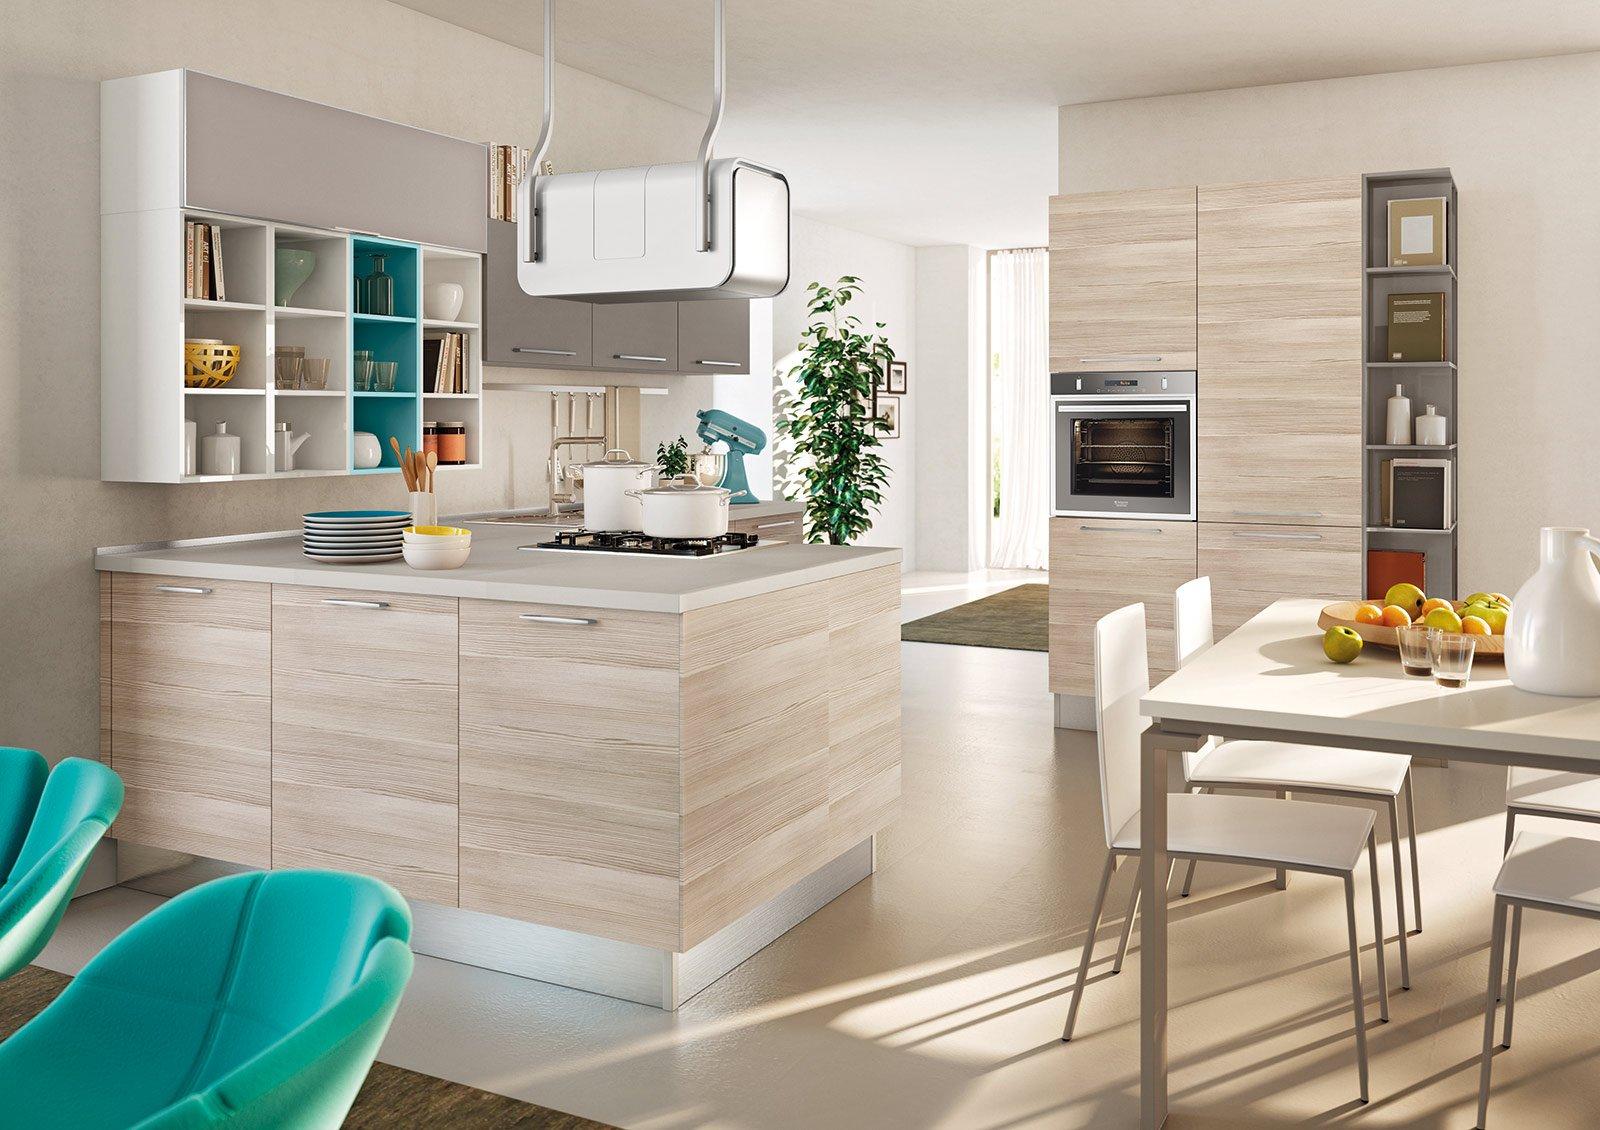 100+ [ come tinteggiare la cucina ] | vovell doccia in muratura ... - Colori Parete Cucina Bianca